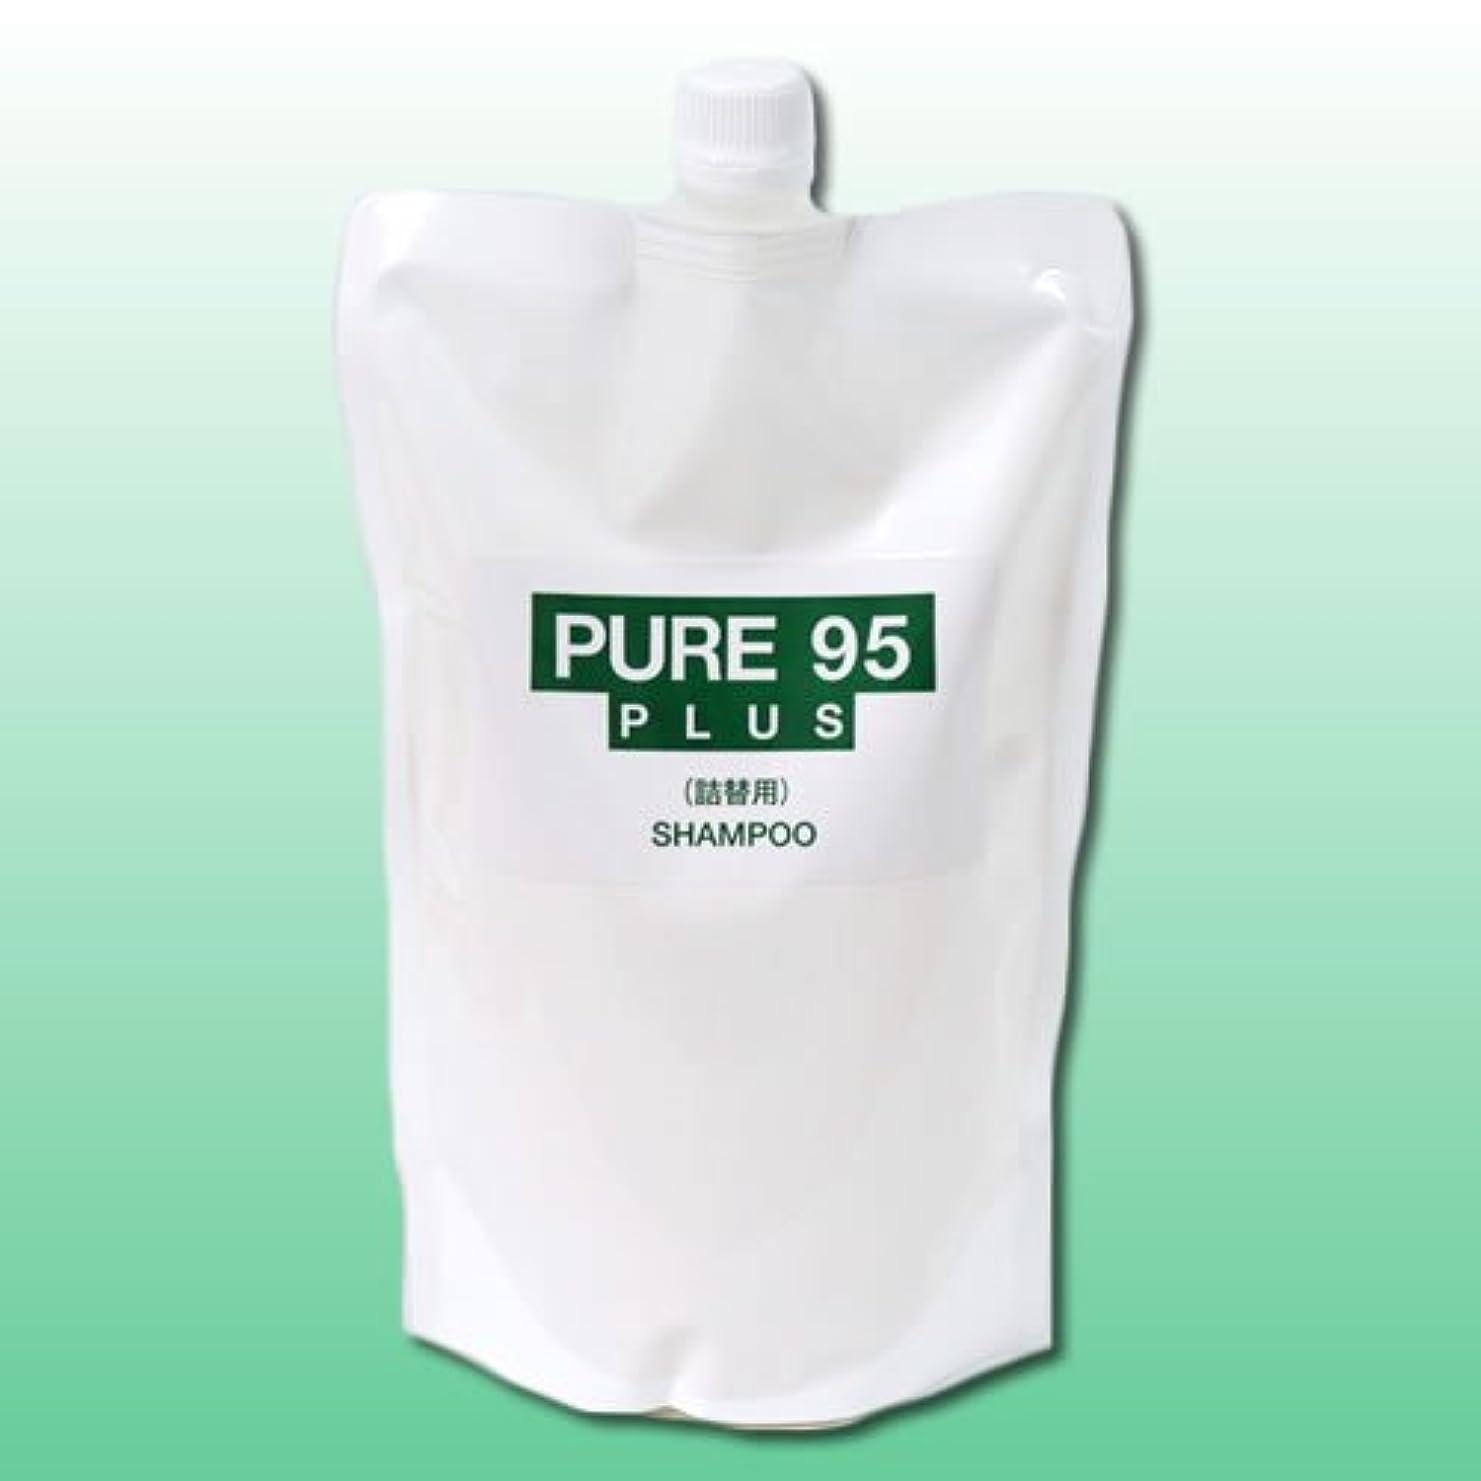 うるさい平手打ちラウンジパーミングジャパン PURE95(ピュア95) プラスシャンプー 700ml (草原の香り) 詰替用